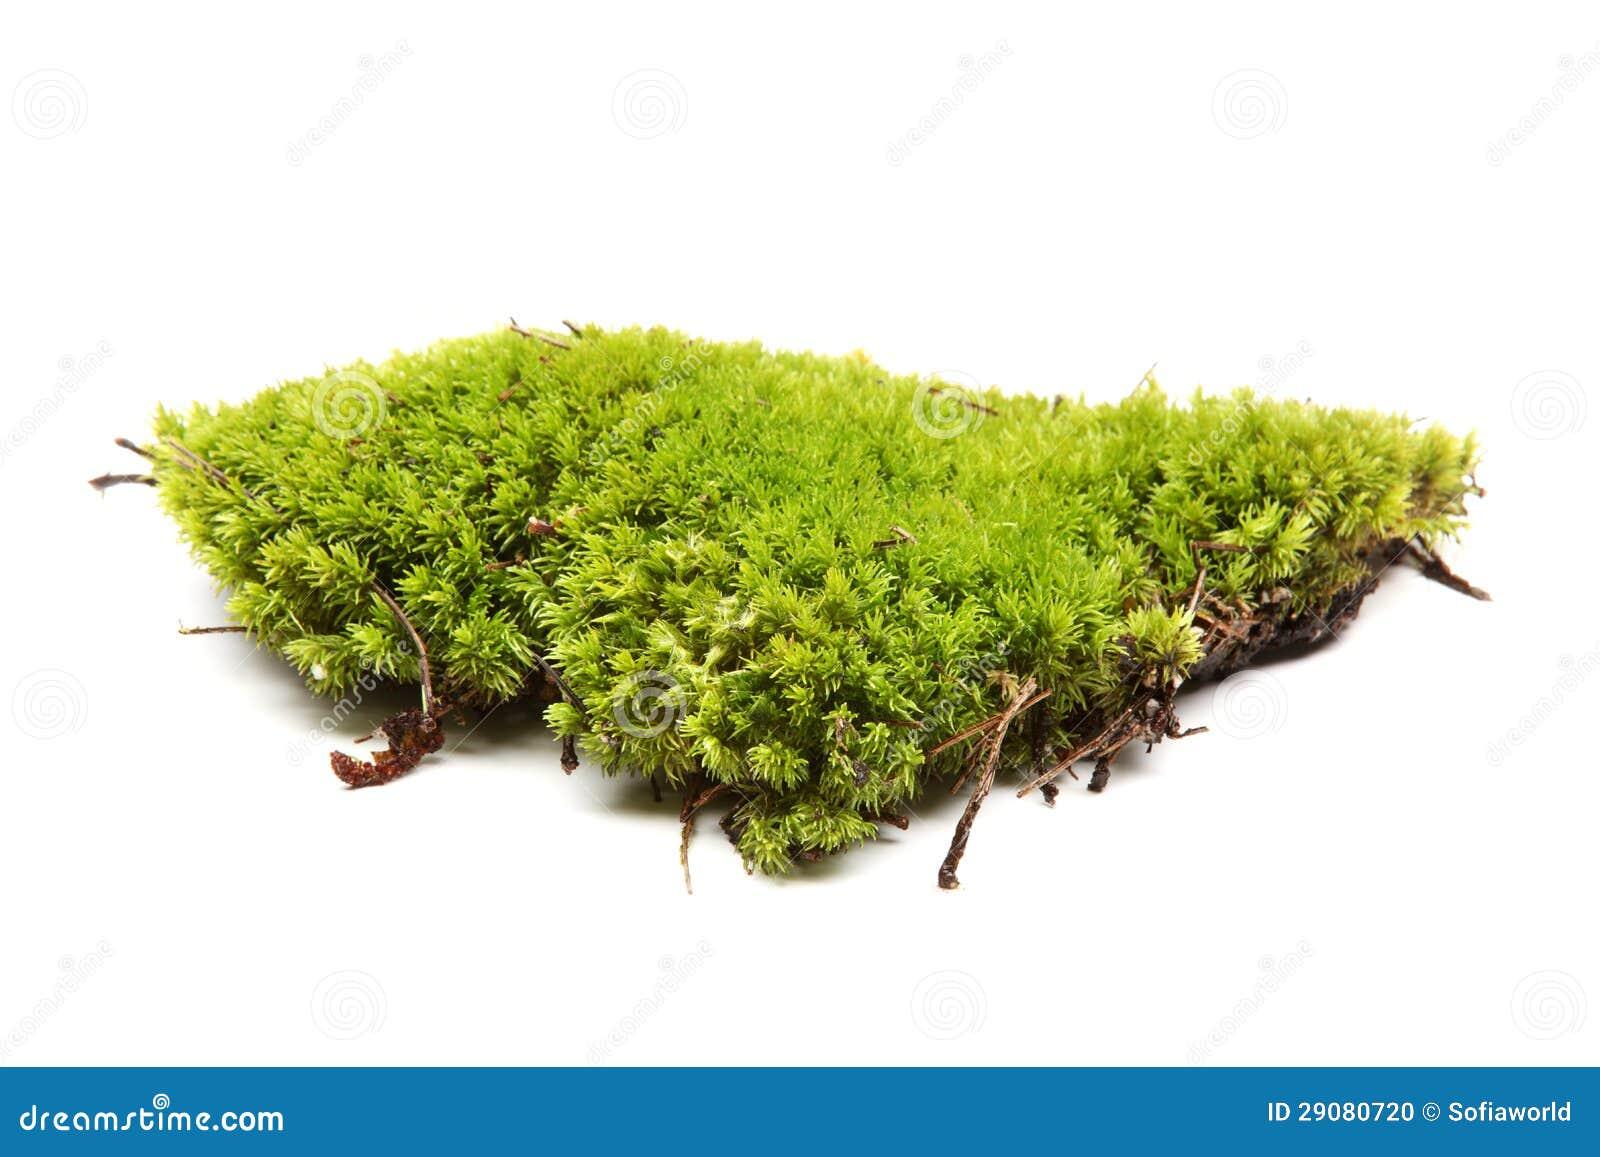 mousse verte photo stock image du botanique flore couleur 29080720. Black Bedroom Furniture Sets. Home Design Ideas